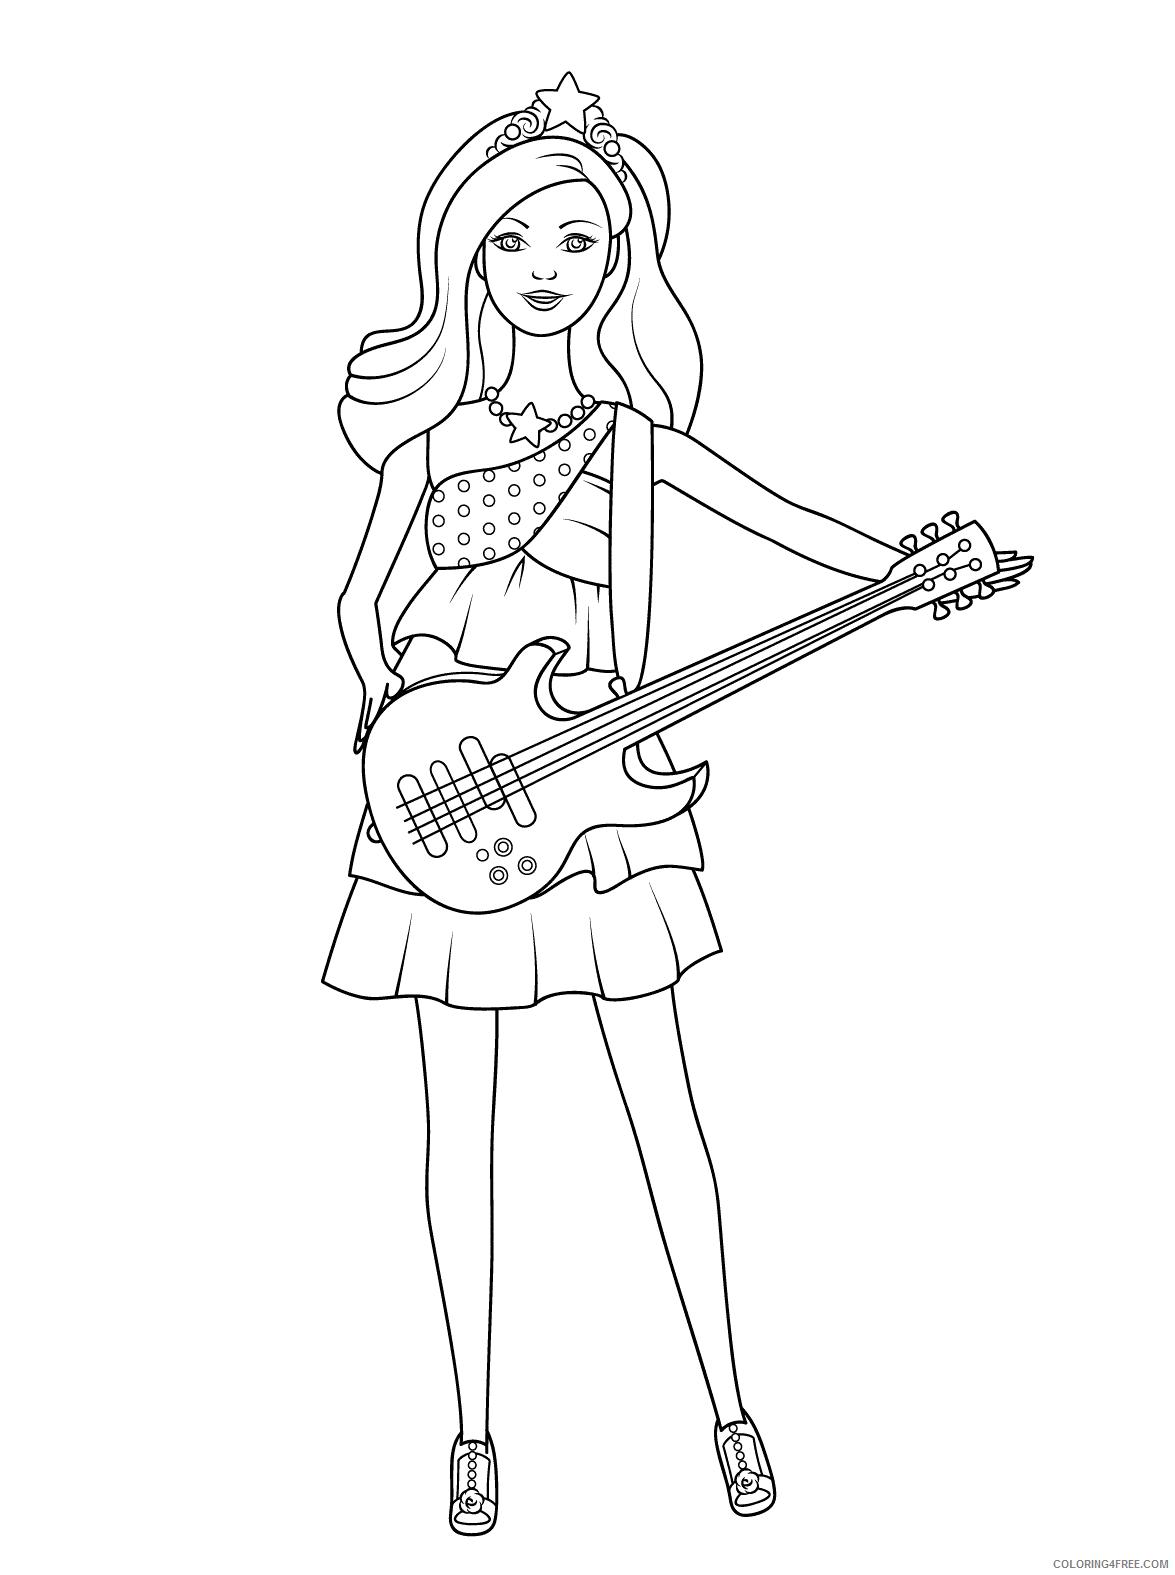 Guitar Coloring Pages Barbie Princess Guitar Printable 2021 3041 Coloring4free